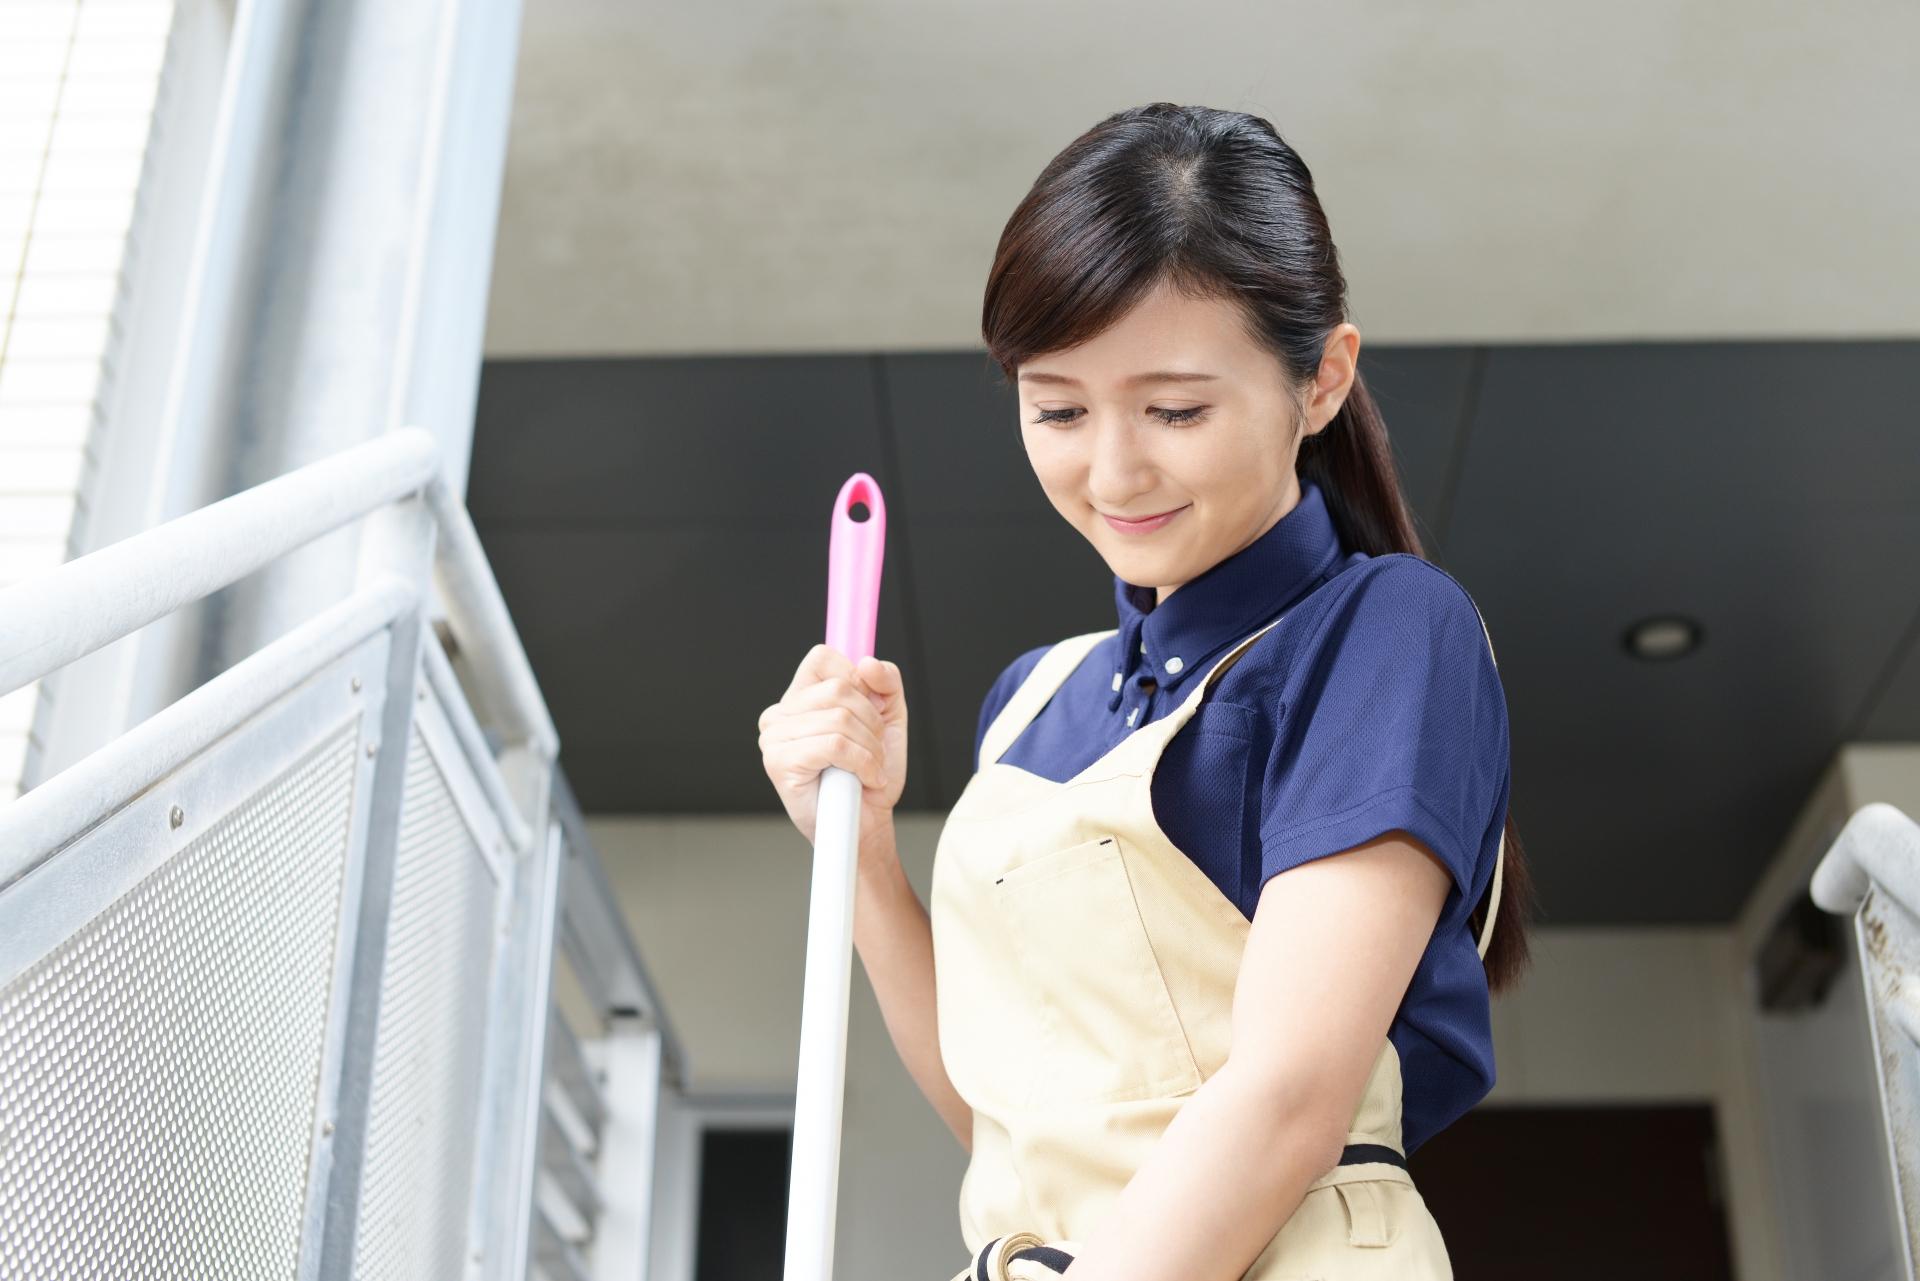 カンタン掃除屋さん急募!!【日払いOK!!】